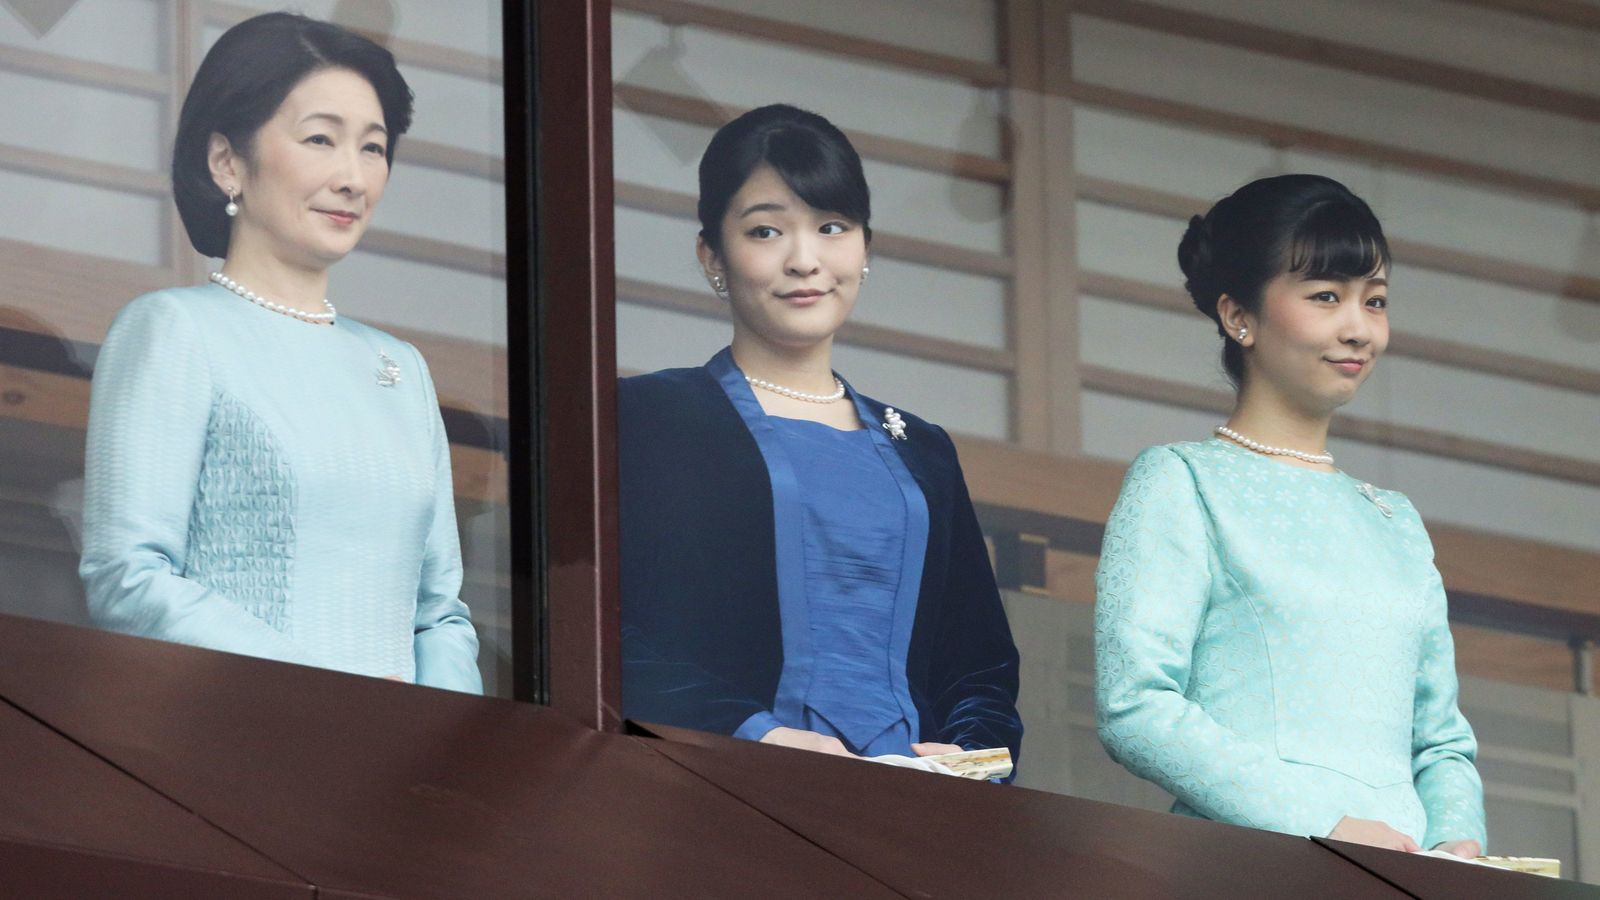 「圭さんと結婚します」の言葉を国民は祝福する 秋篠宮家はもう認めるしかない